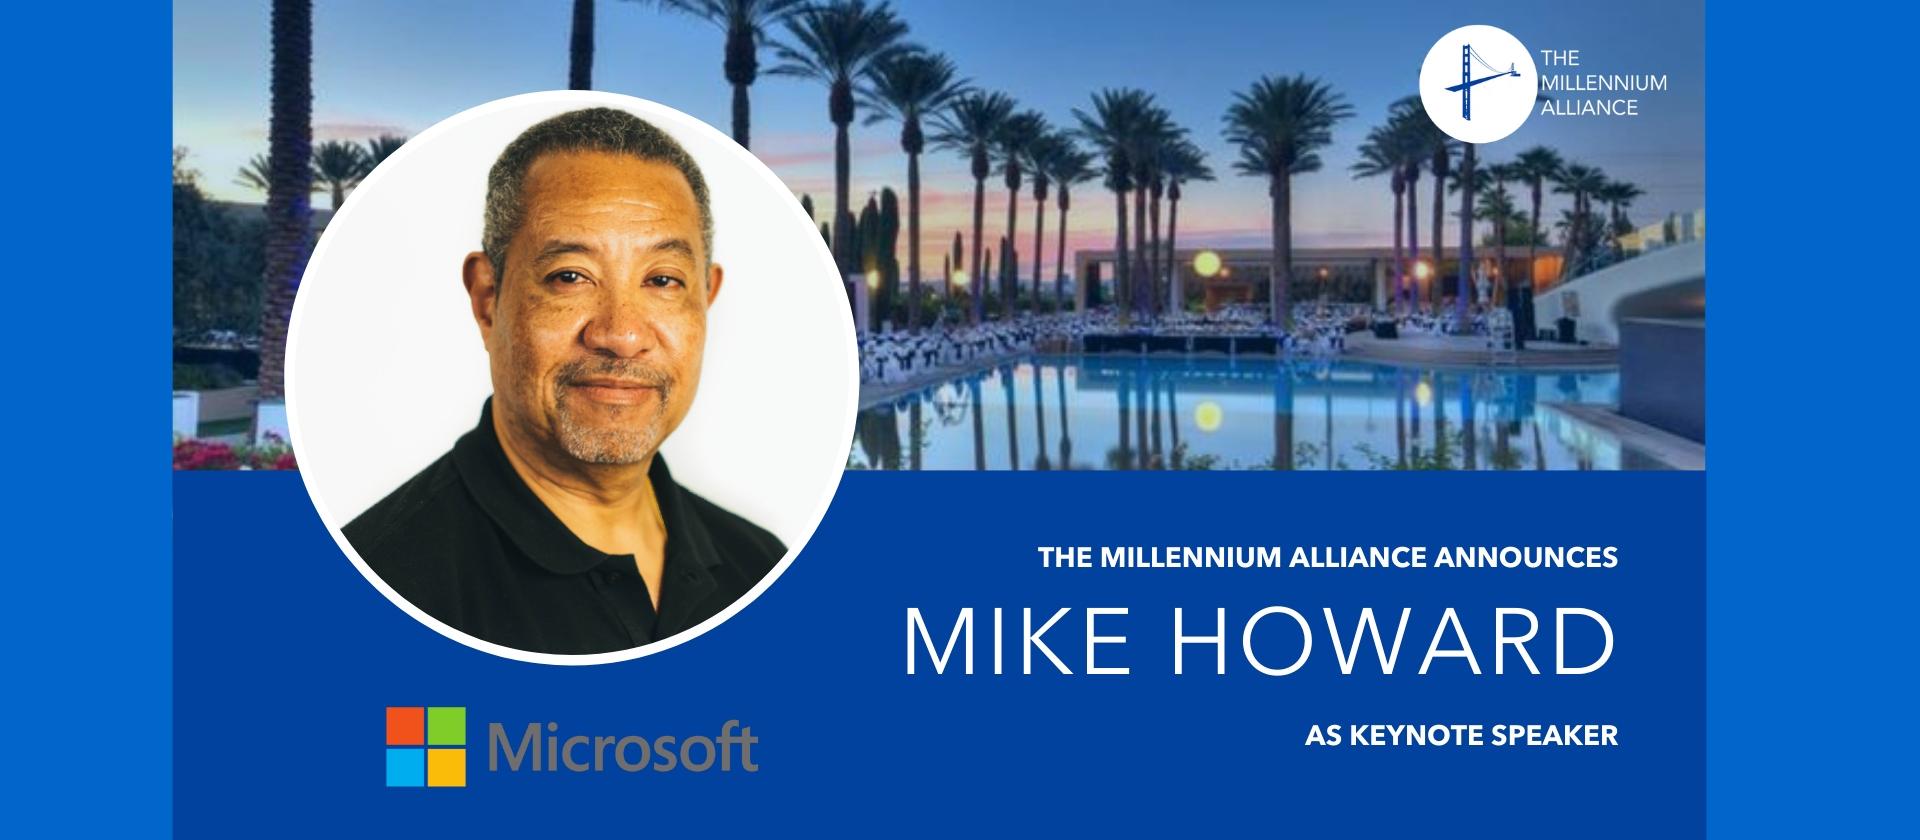 Mike Howard Keynote Speaker Annoucement Poster